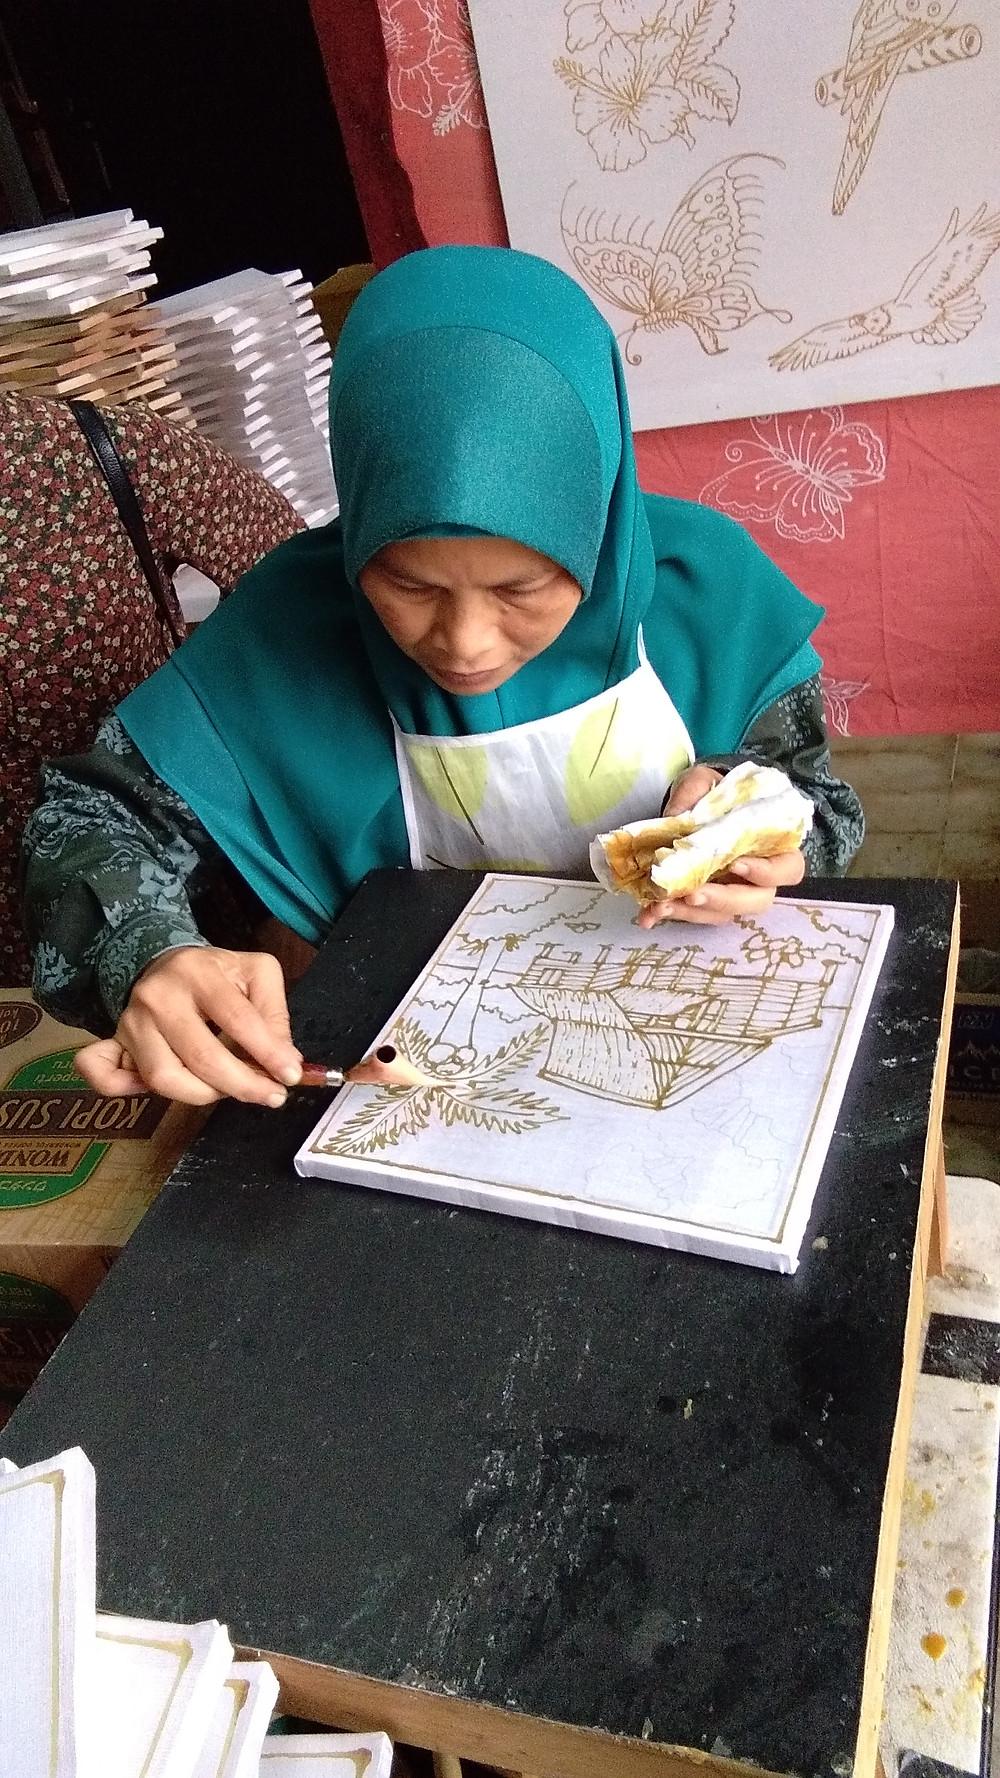 Batik is a wax resist fiber art